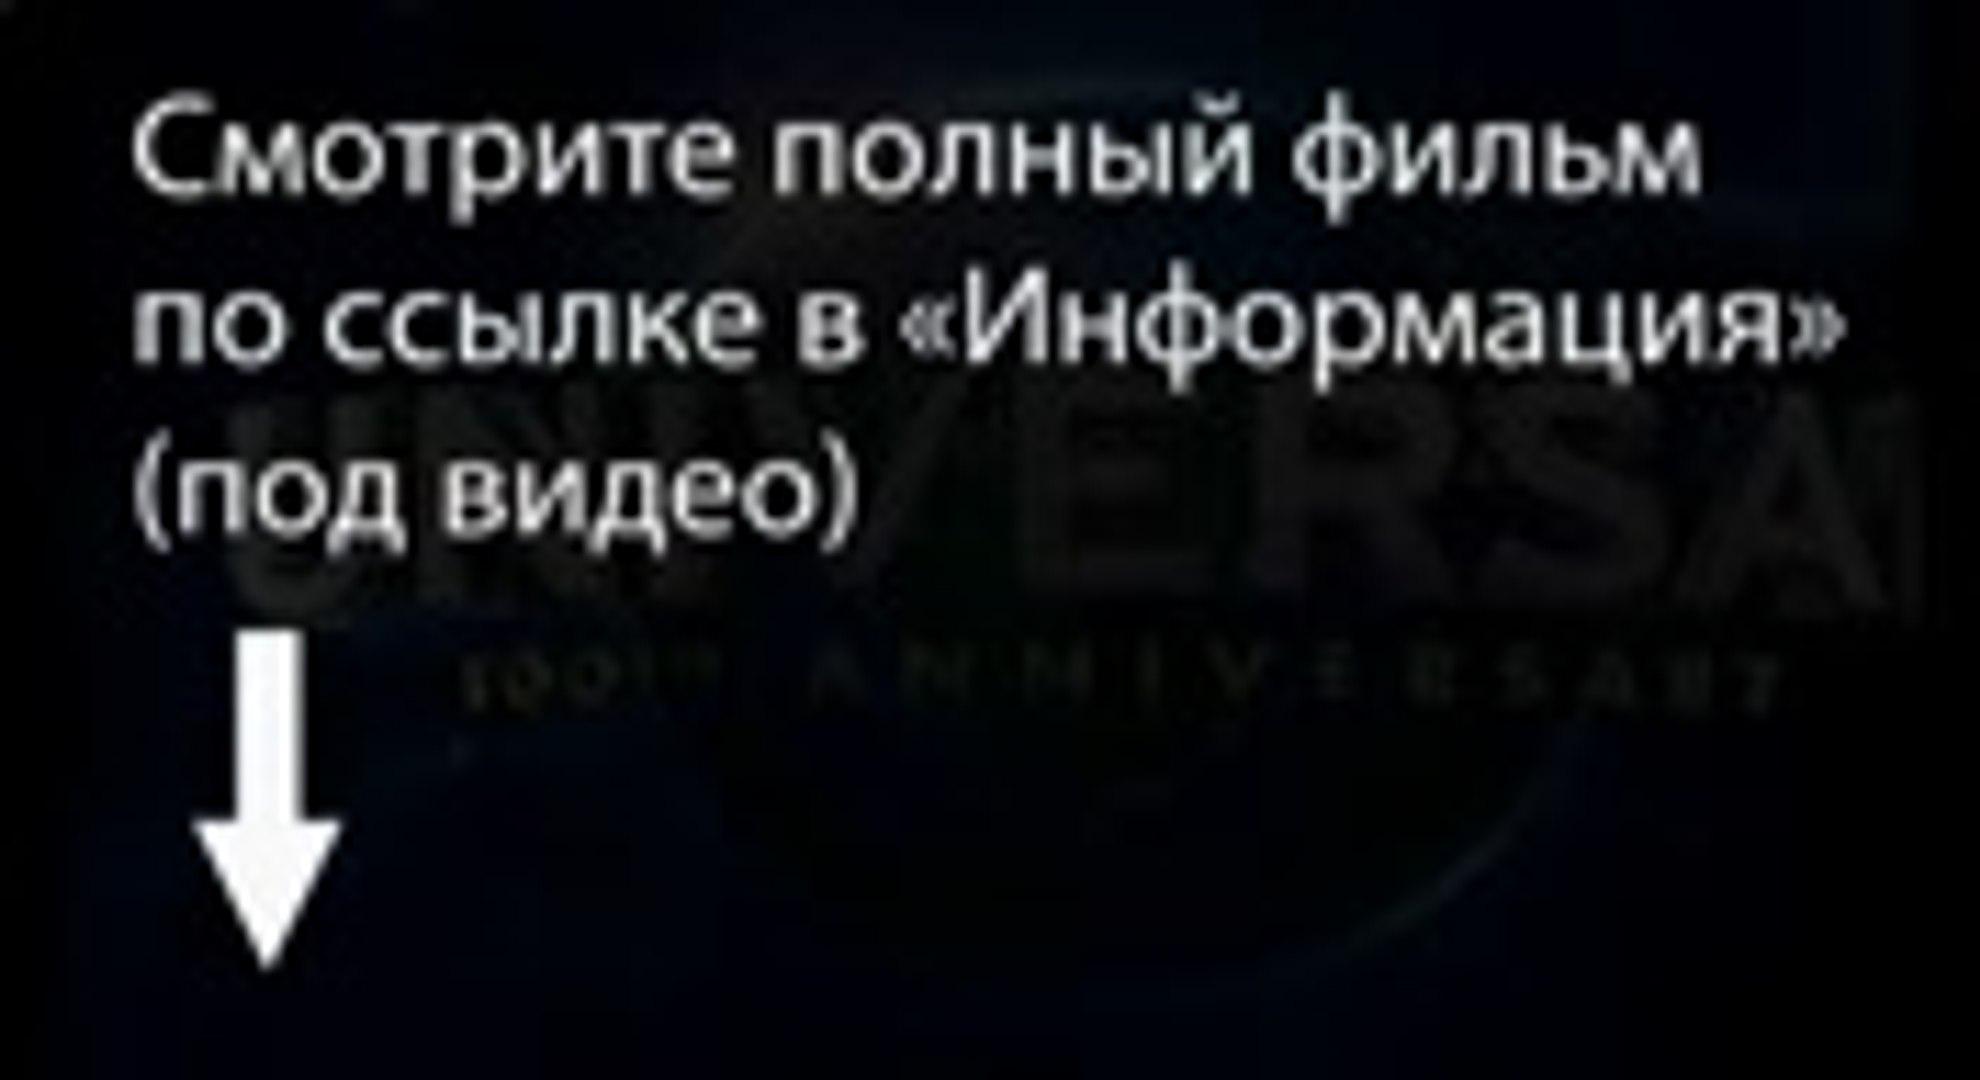 _ЬЬСК_ смотреть фильм Геракл 2014 полный фильм